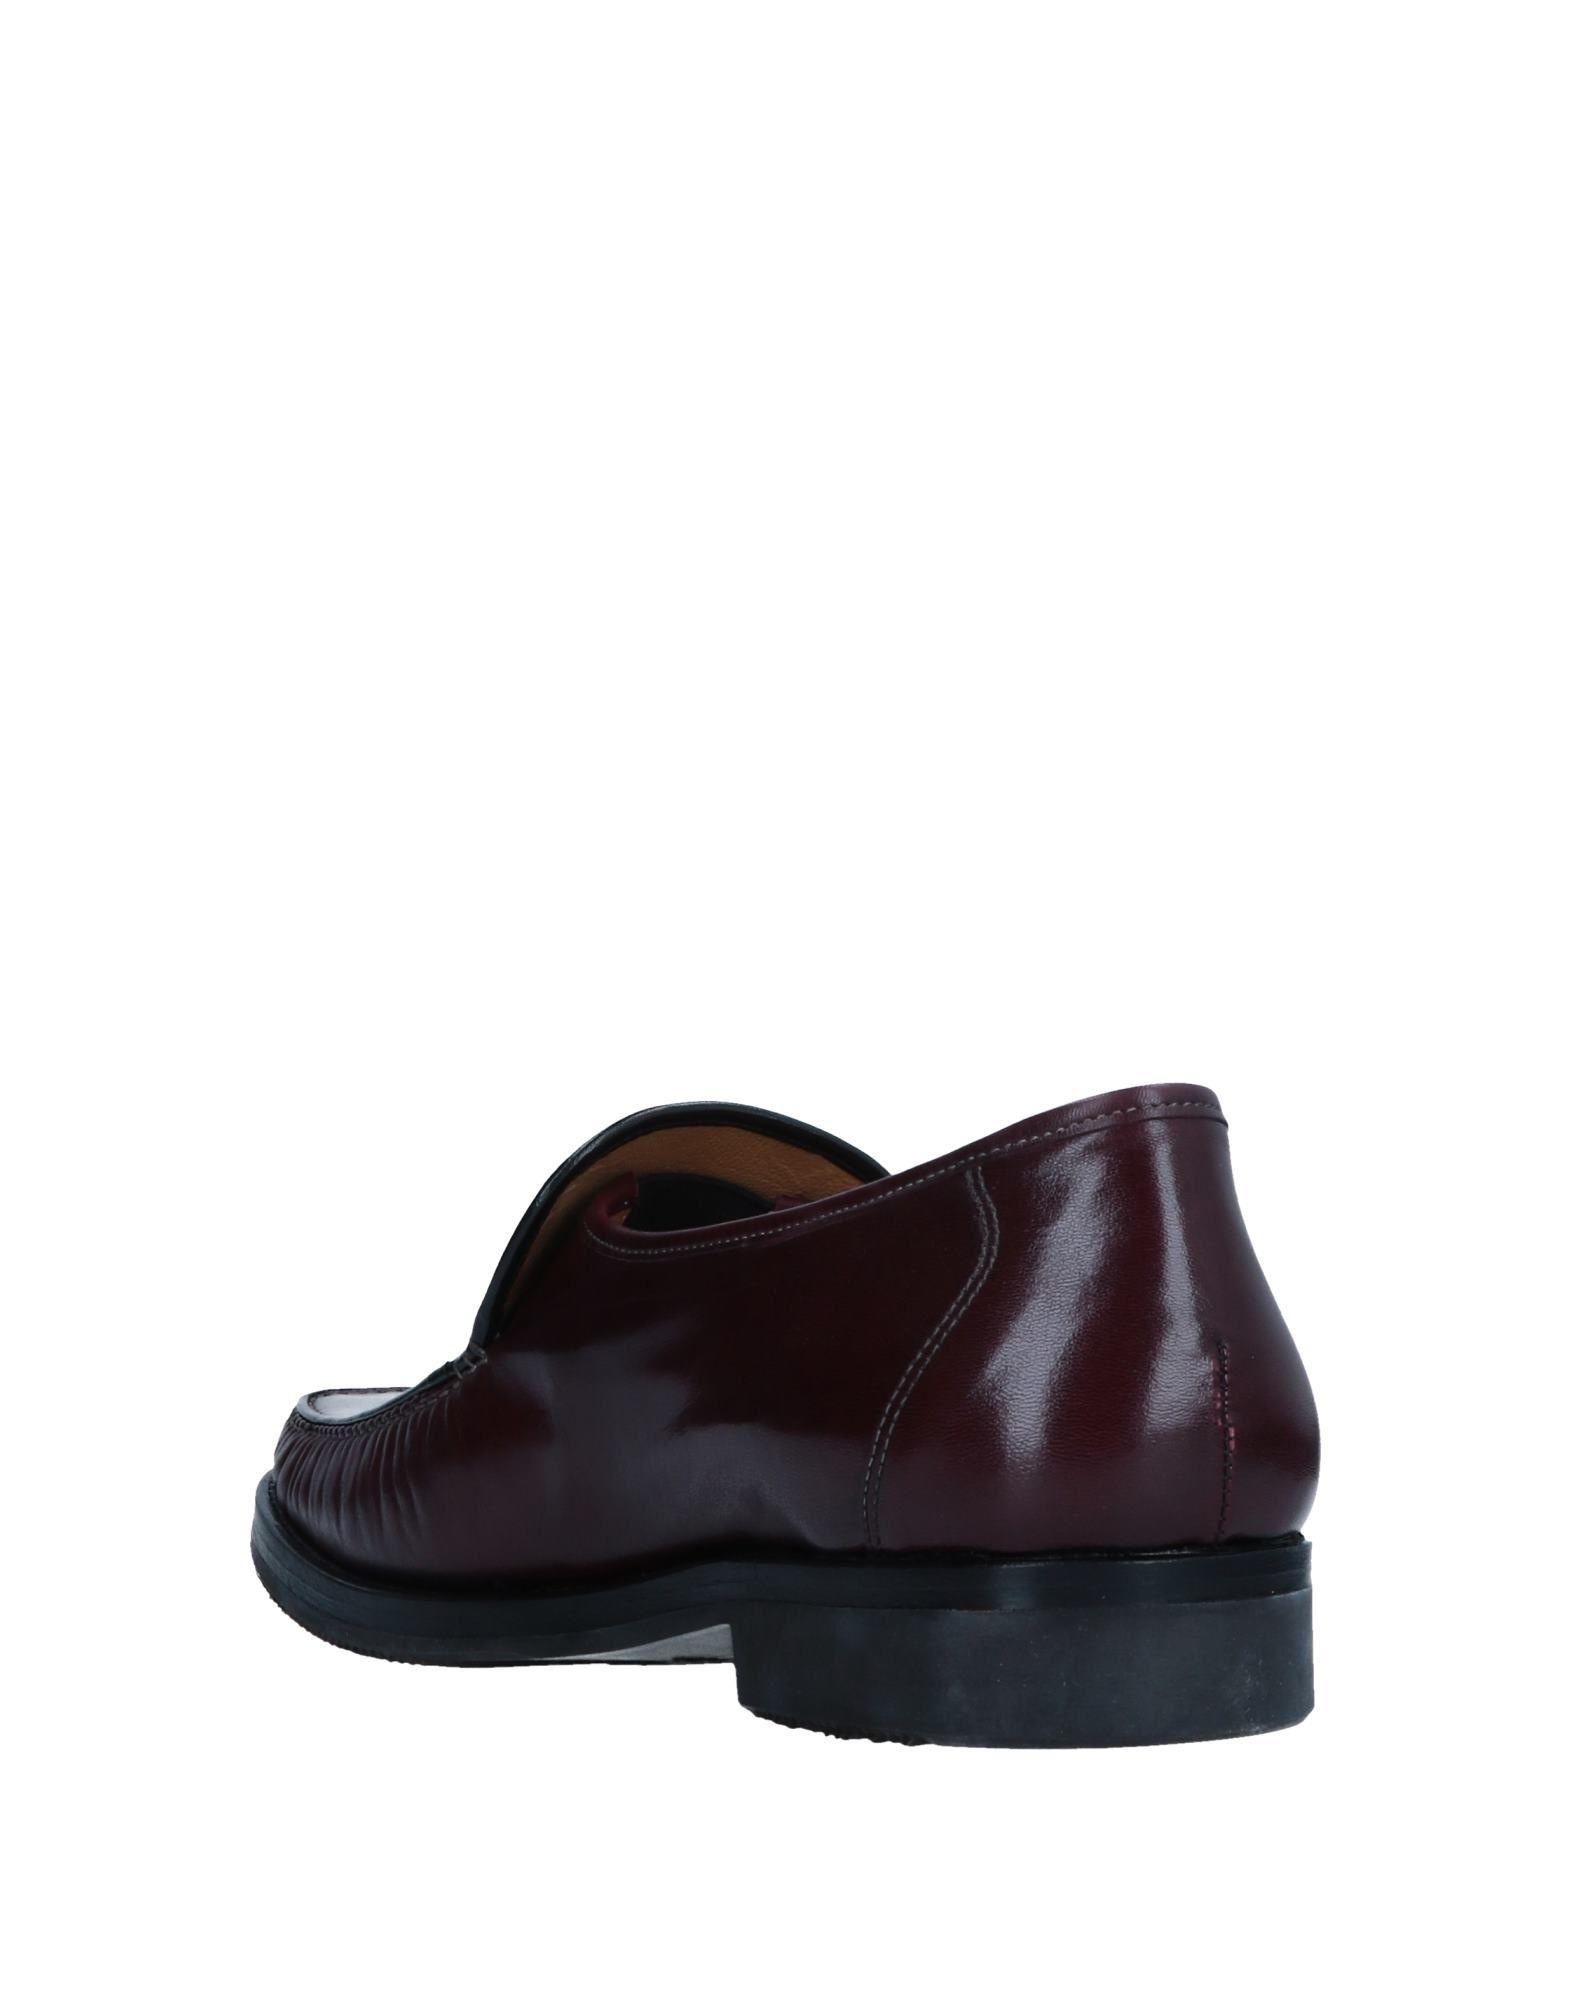 Rabatt Mokassins echte Schuhe Calzaturificio Olimpo's Mokassins Rabatt Herren  11557809UU b33788